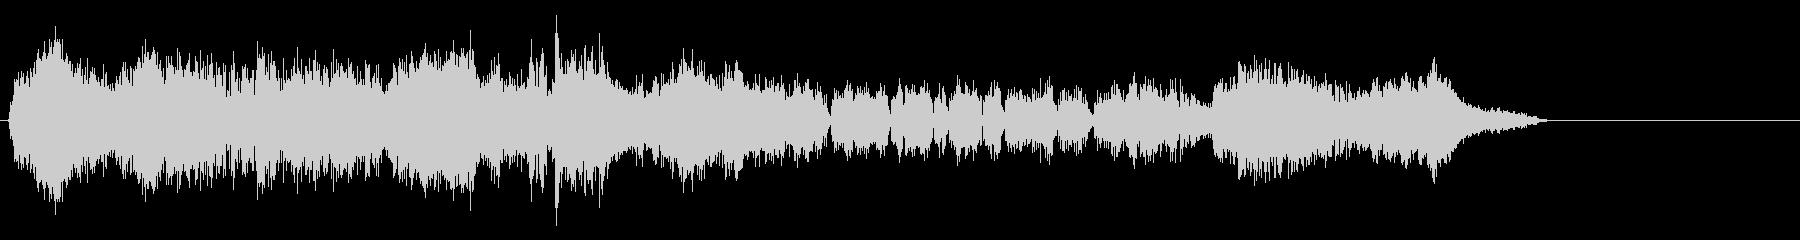 シンセ、複数の短波無線信号が同時に...の未再生の波形